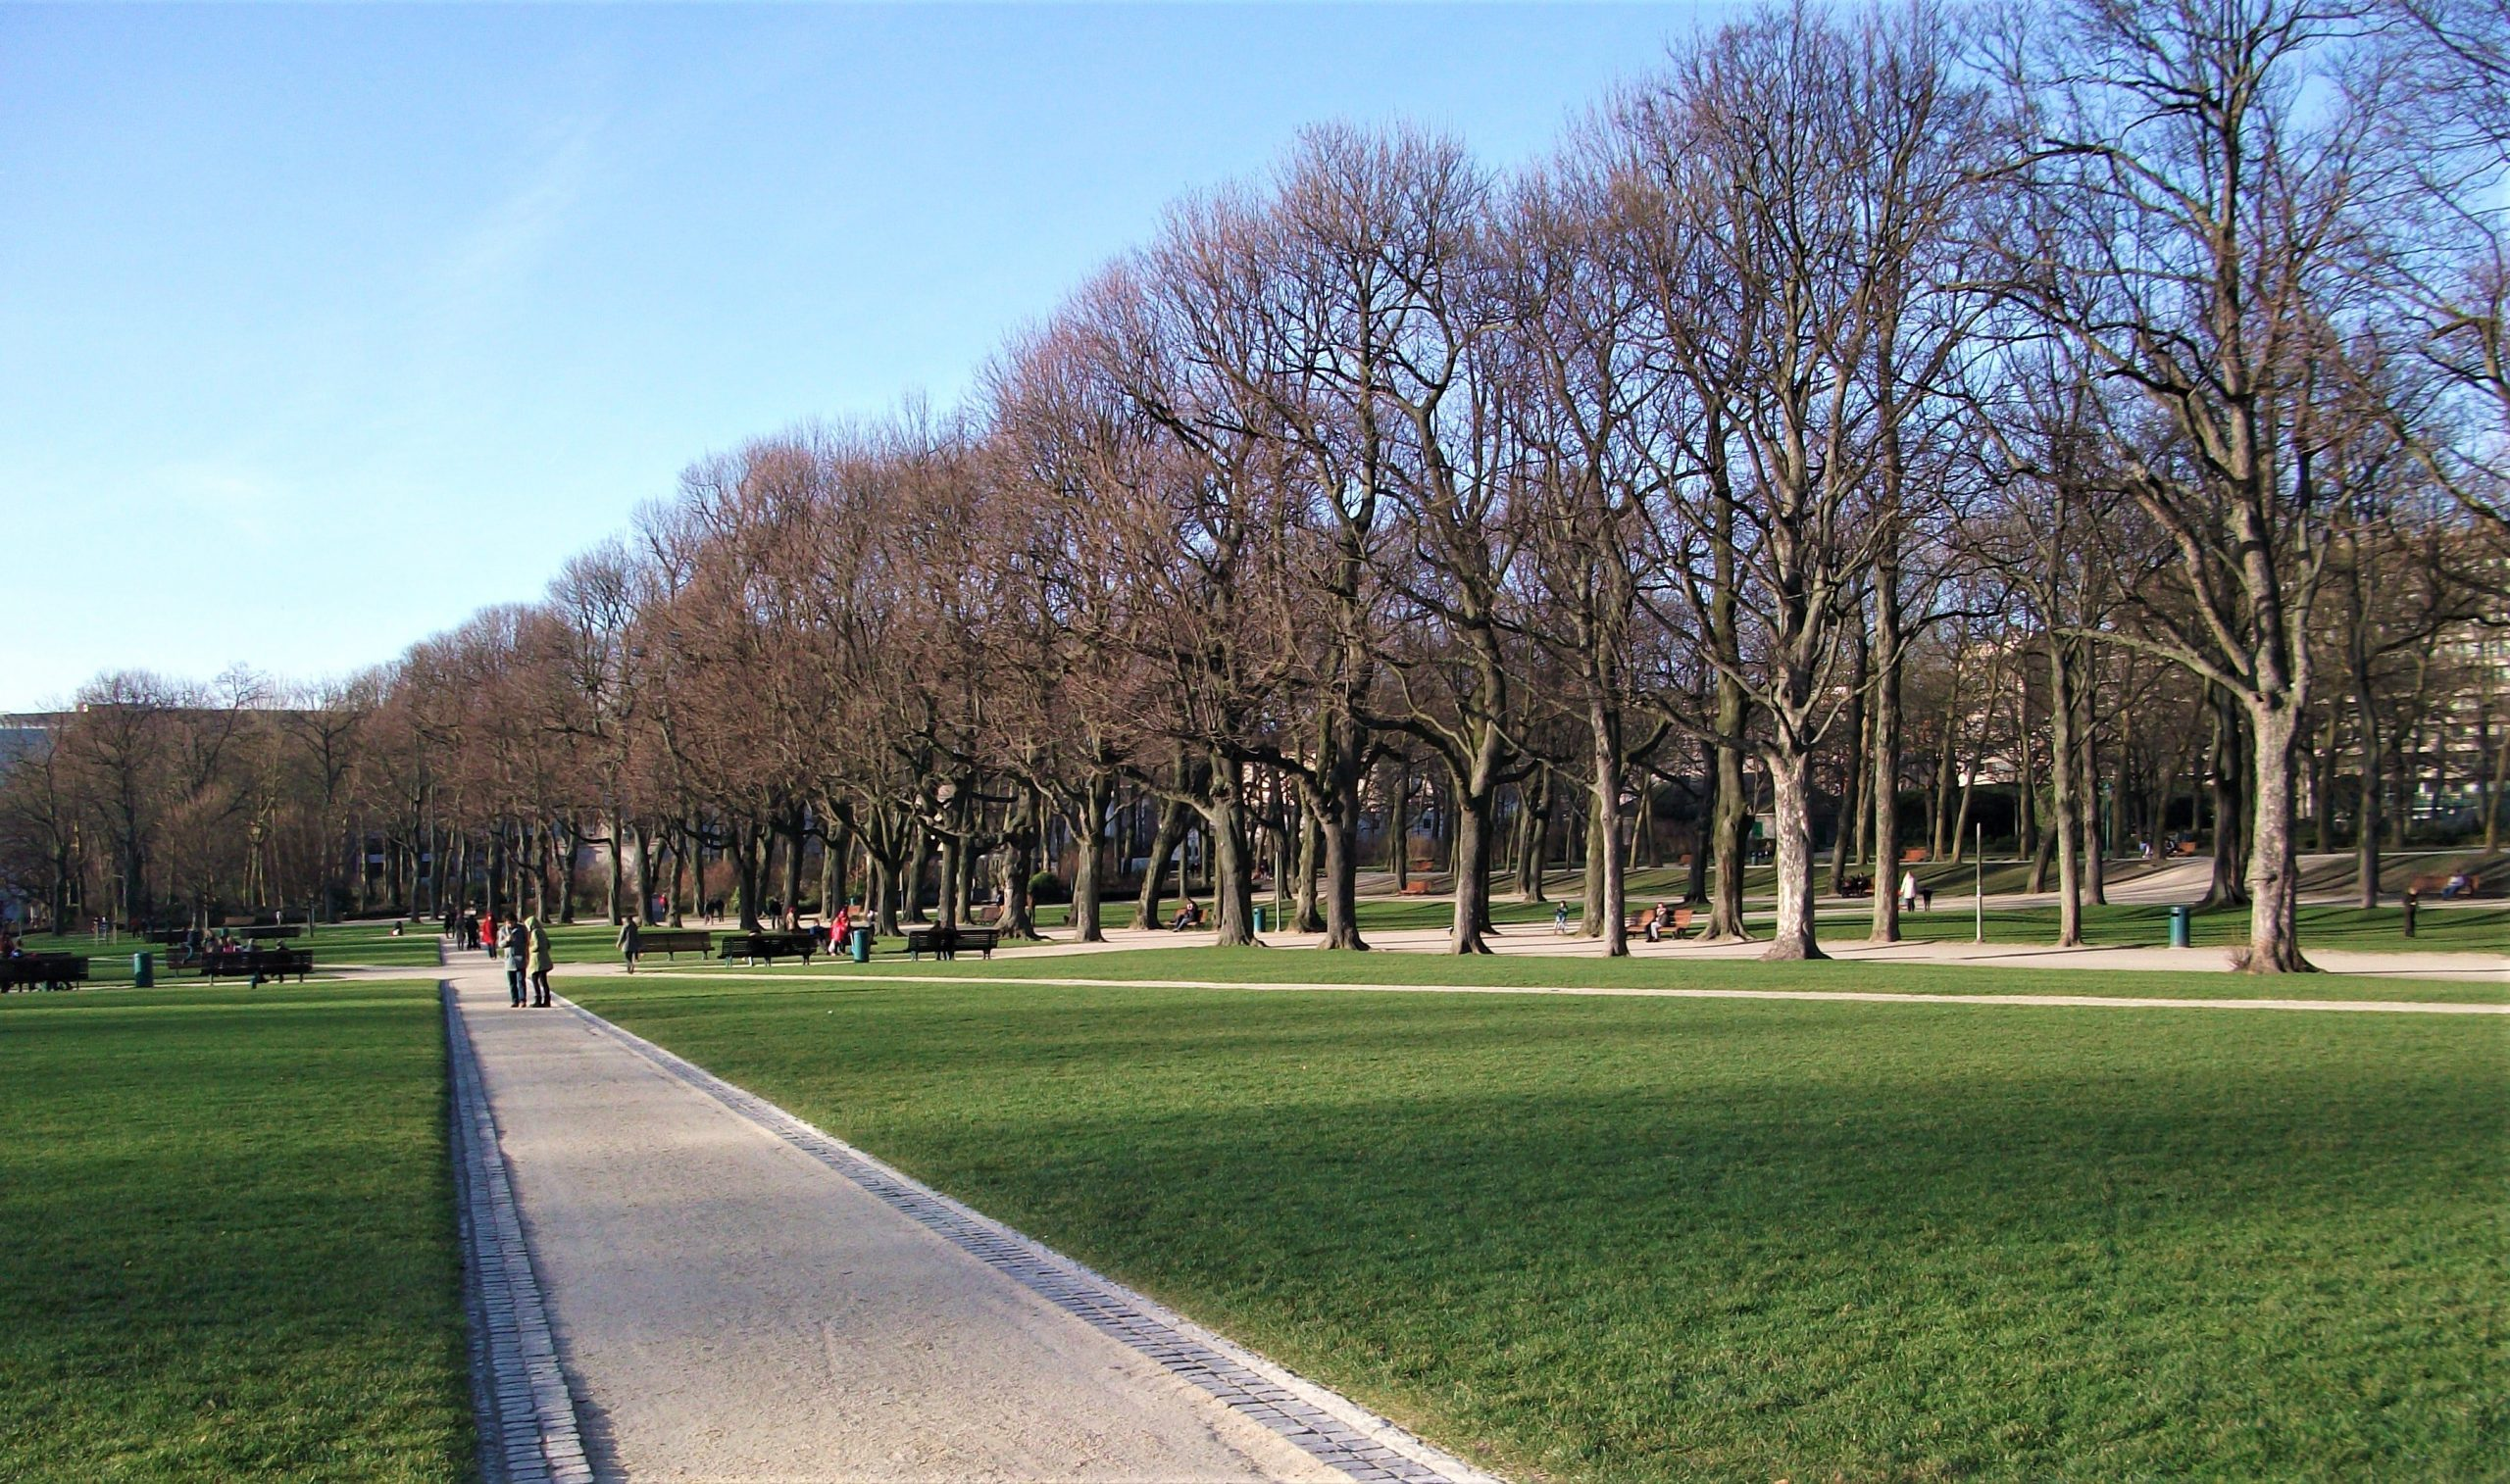 parc du cinquantenaire bruxelles nature